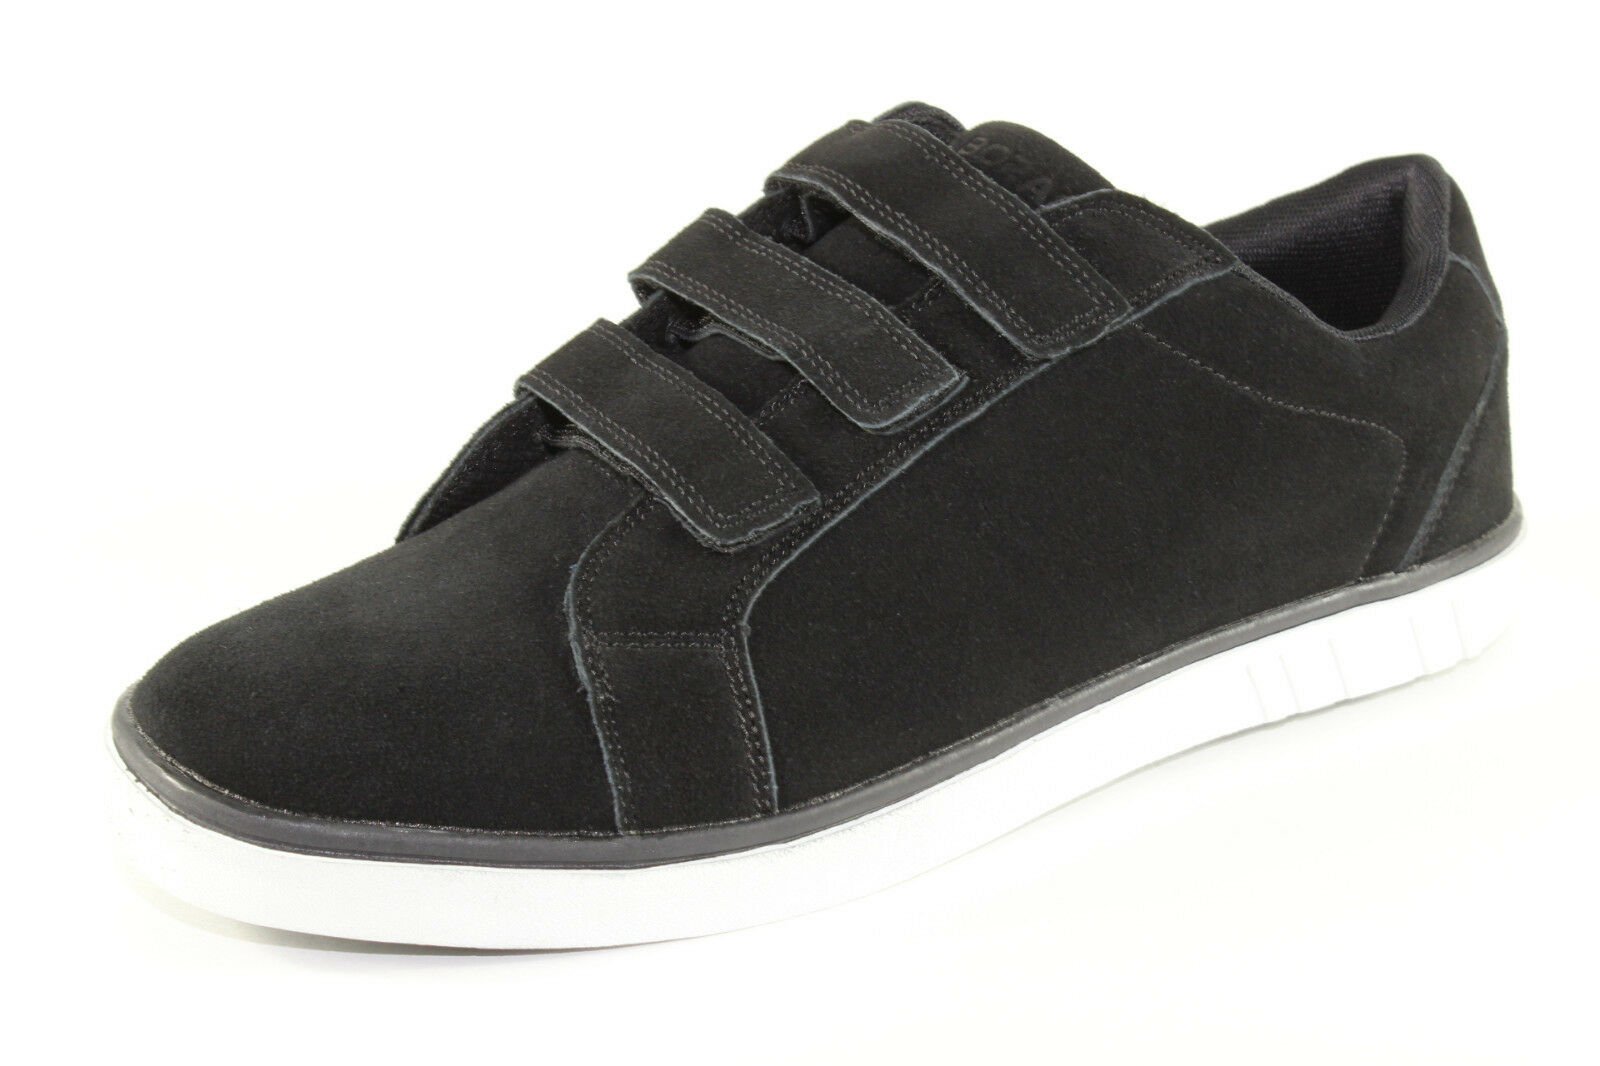 Boras Retro Sports Suede, Sneaker aus Veloursleder, Herrenschuhe *Übergröße*